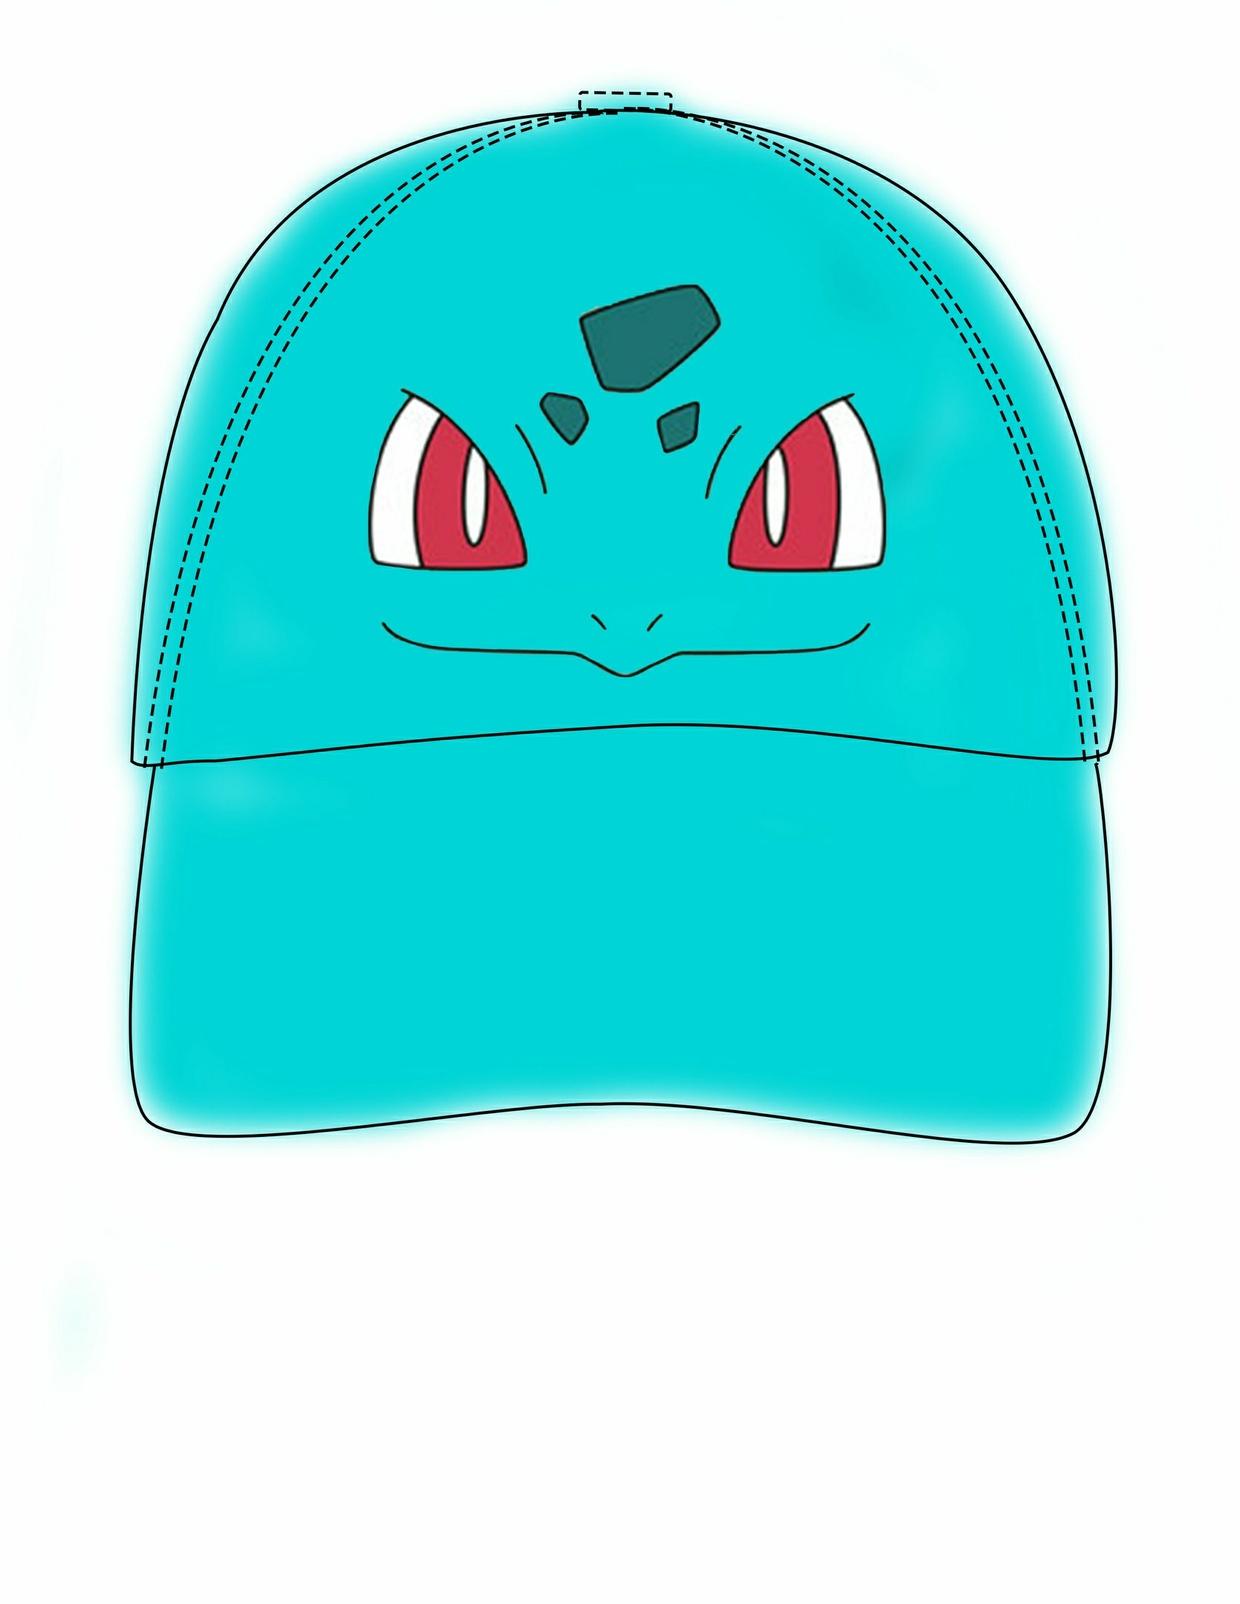 bulbasaur hat template